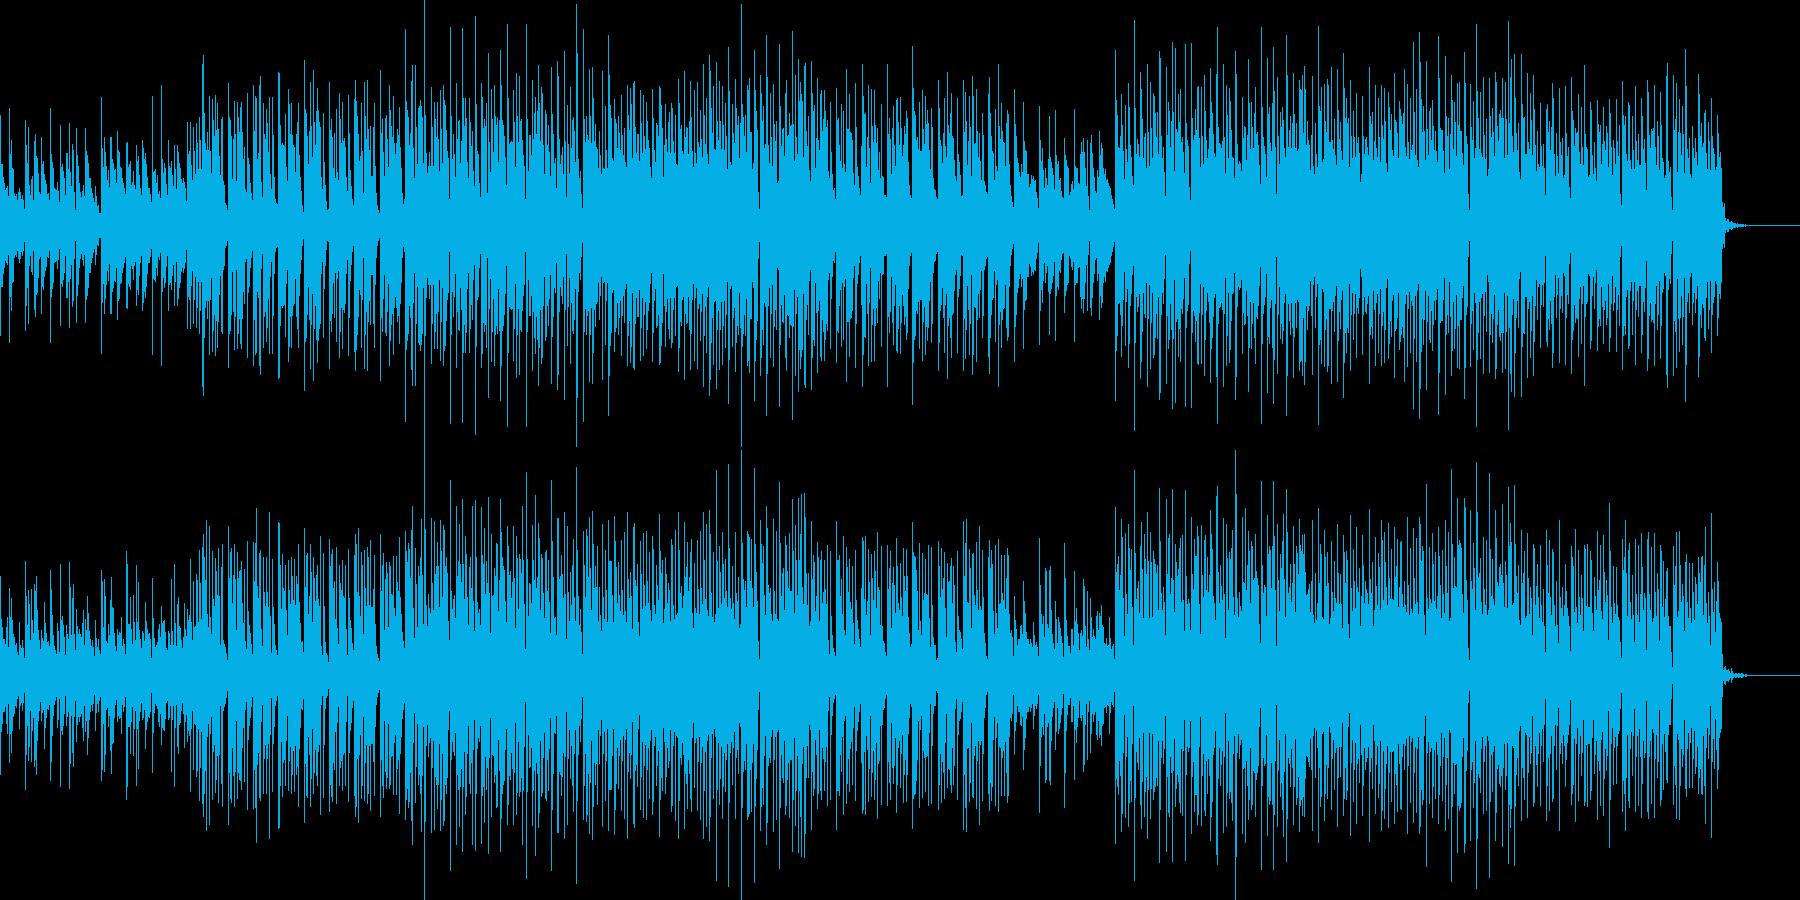 ベル系シンセの切ないリフが印象的なBGMの再生済みの波形